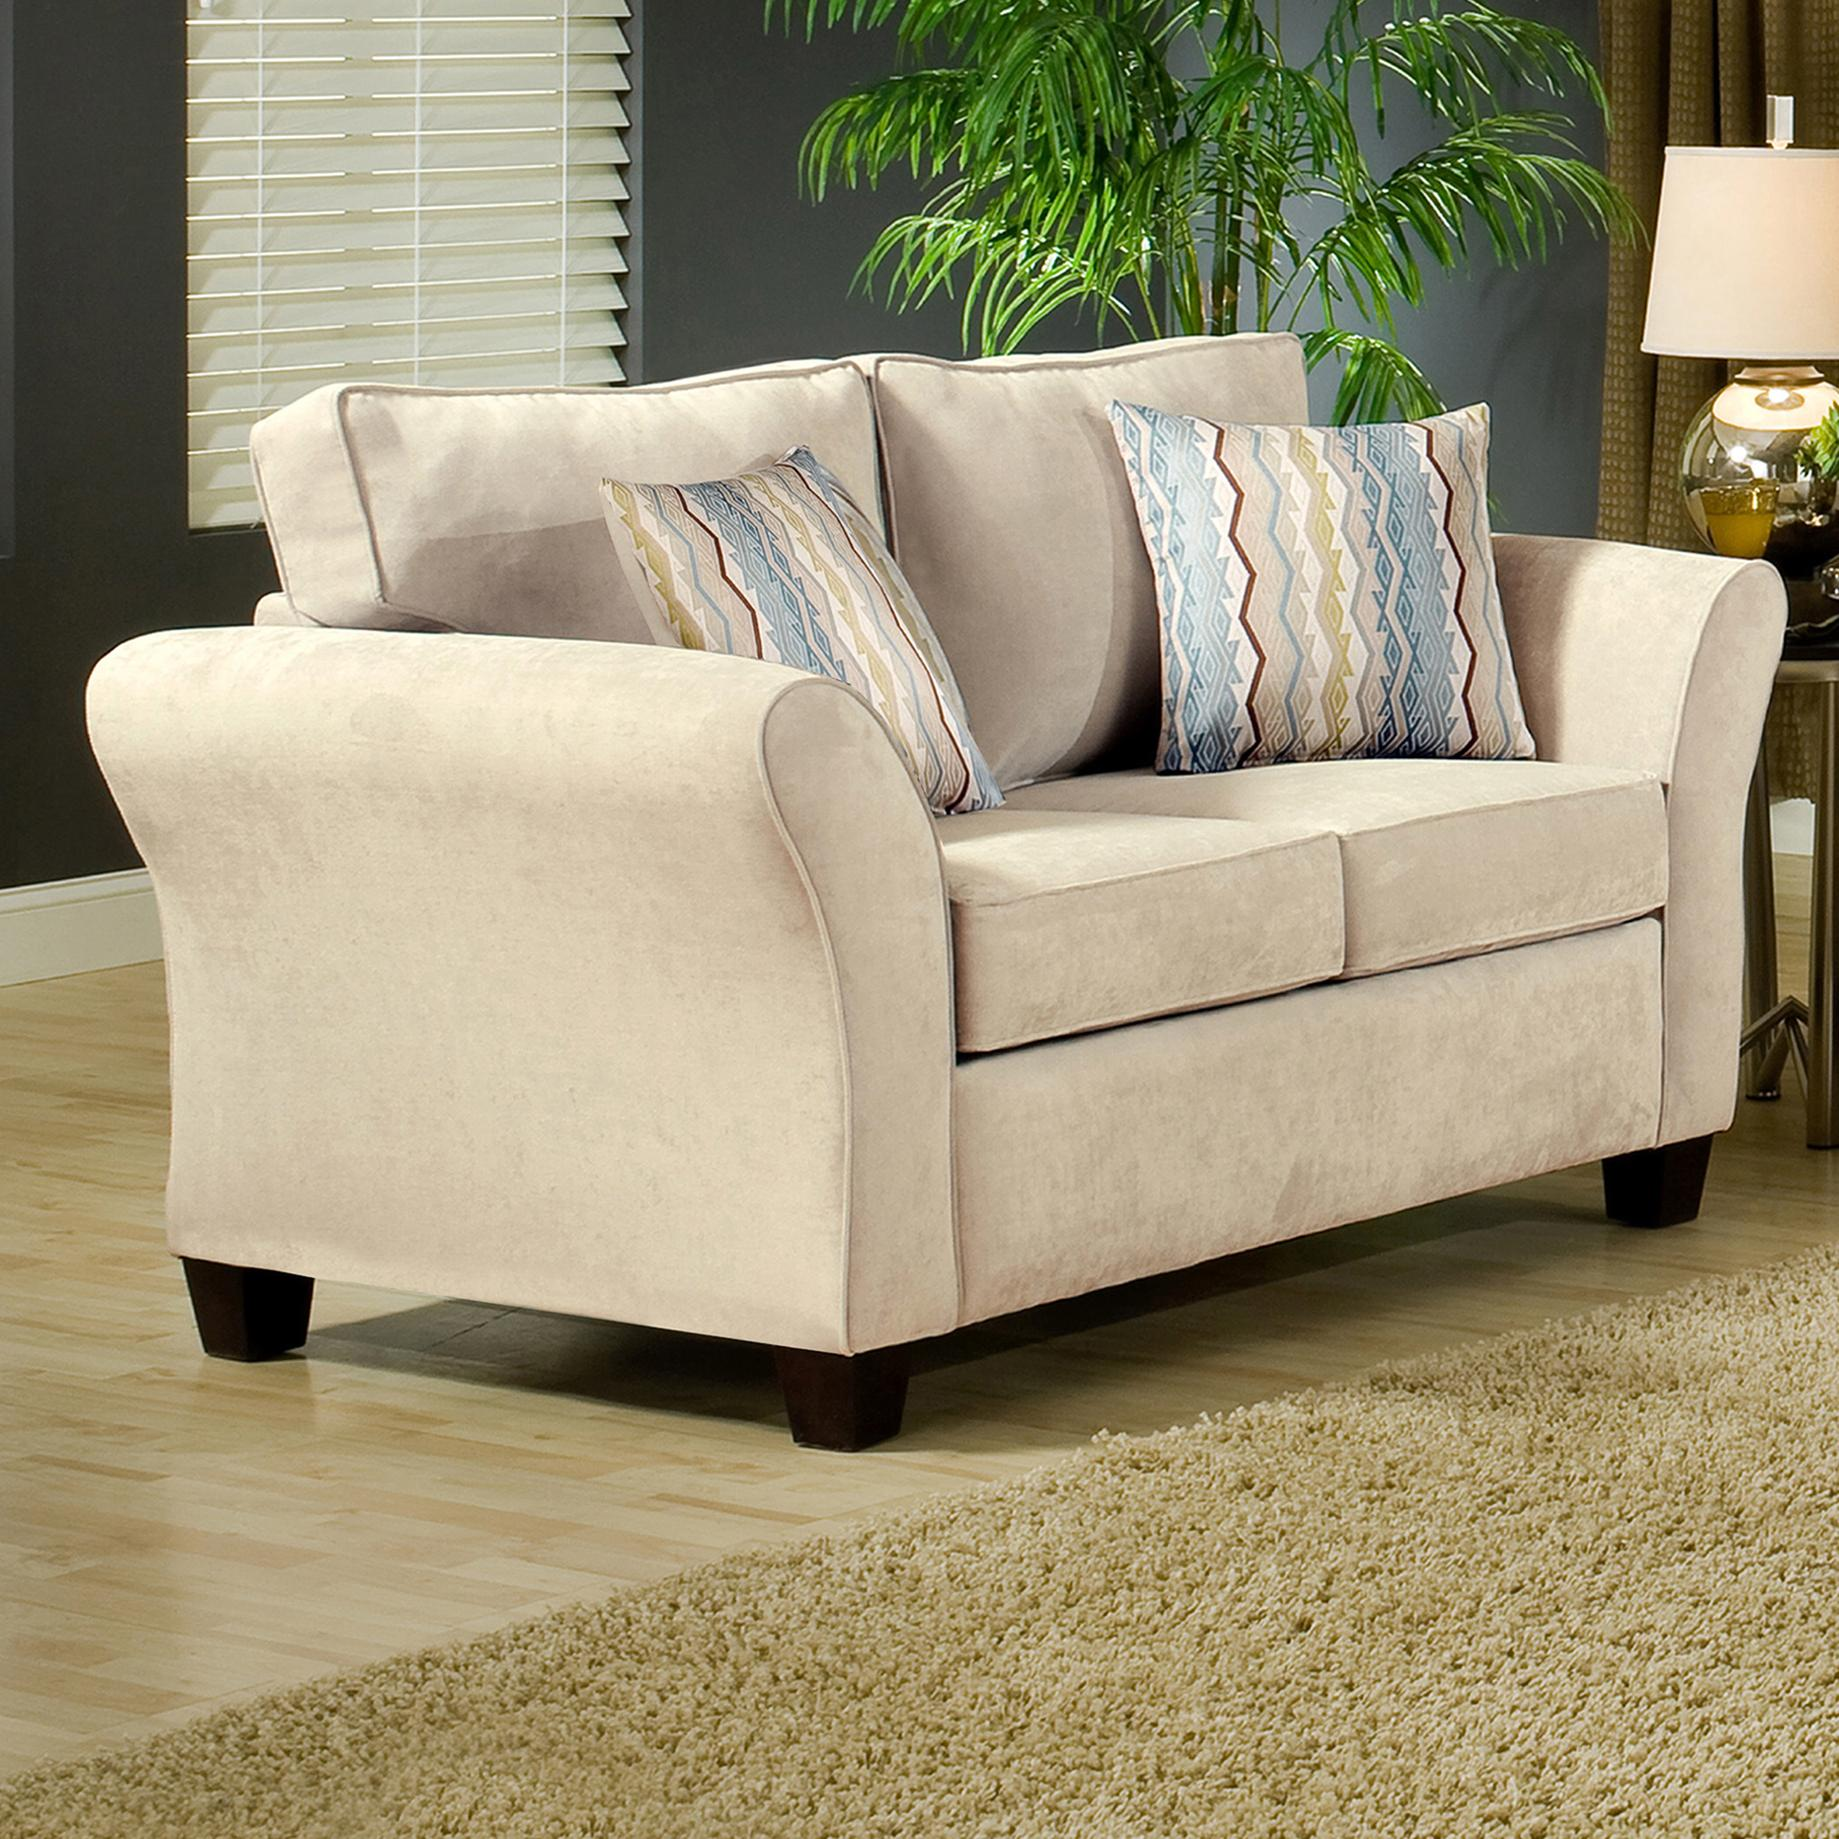 Addison 8400 Love Seat by VFM Essentials at Virginia Furniture Market